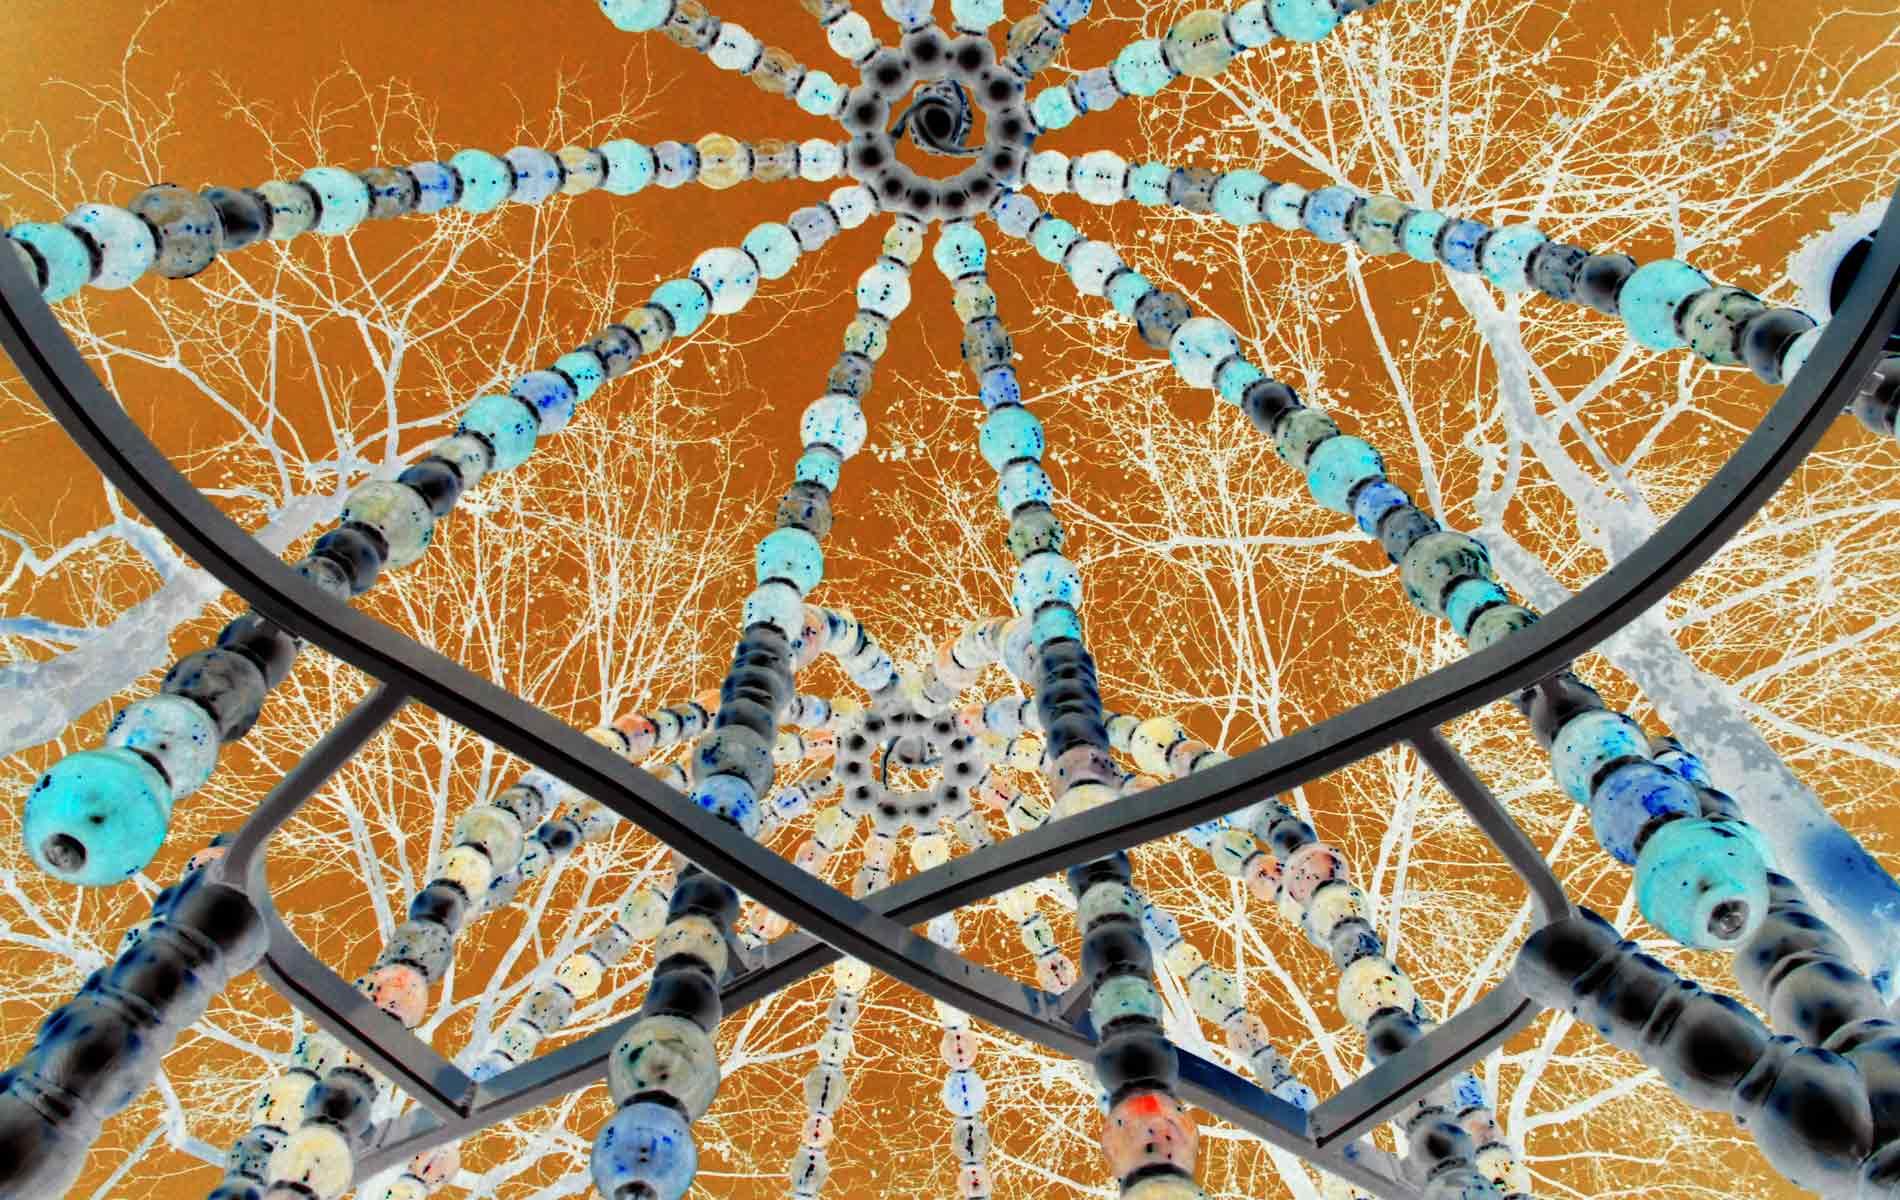 34. Atome n. 1  -  Atom n. 1 - ©Graziano Villa